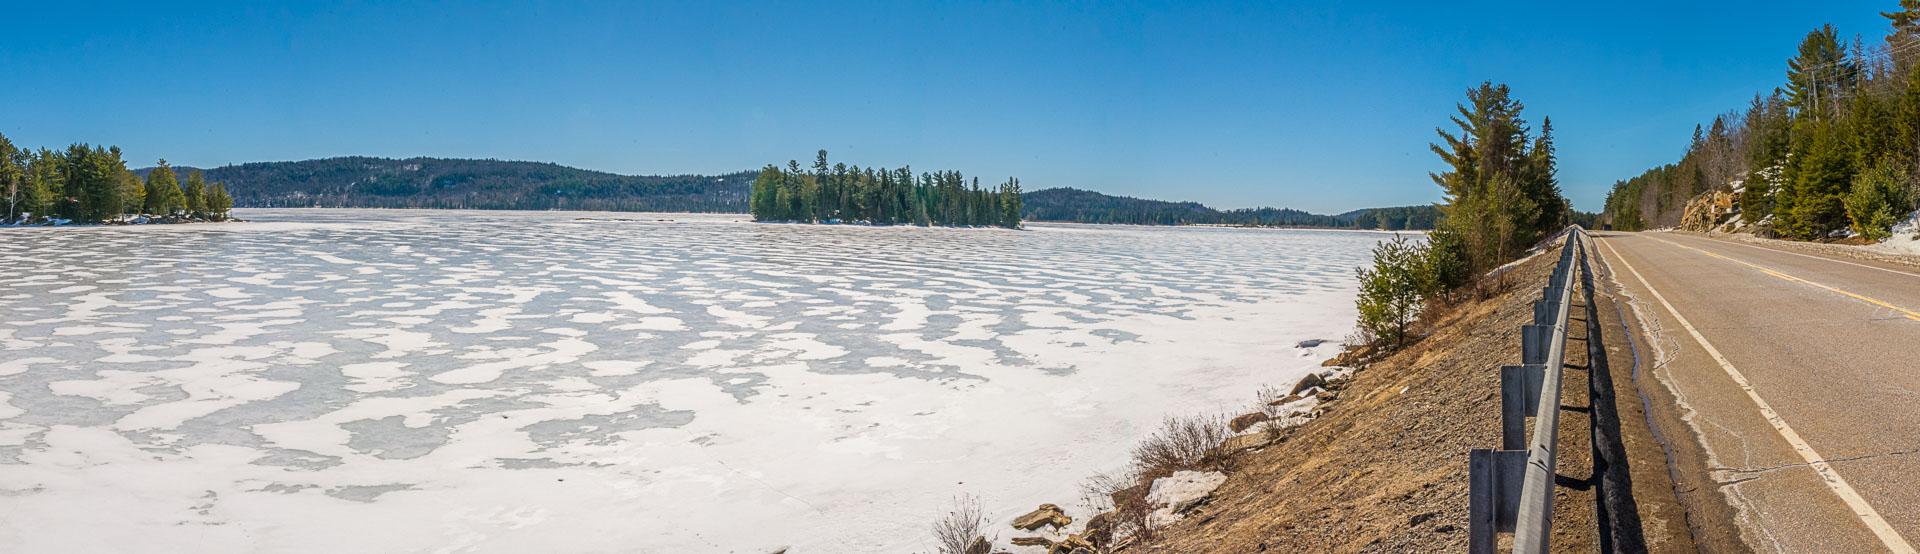 Algonquin Provincial Park Ice Out 2017